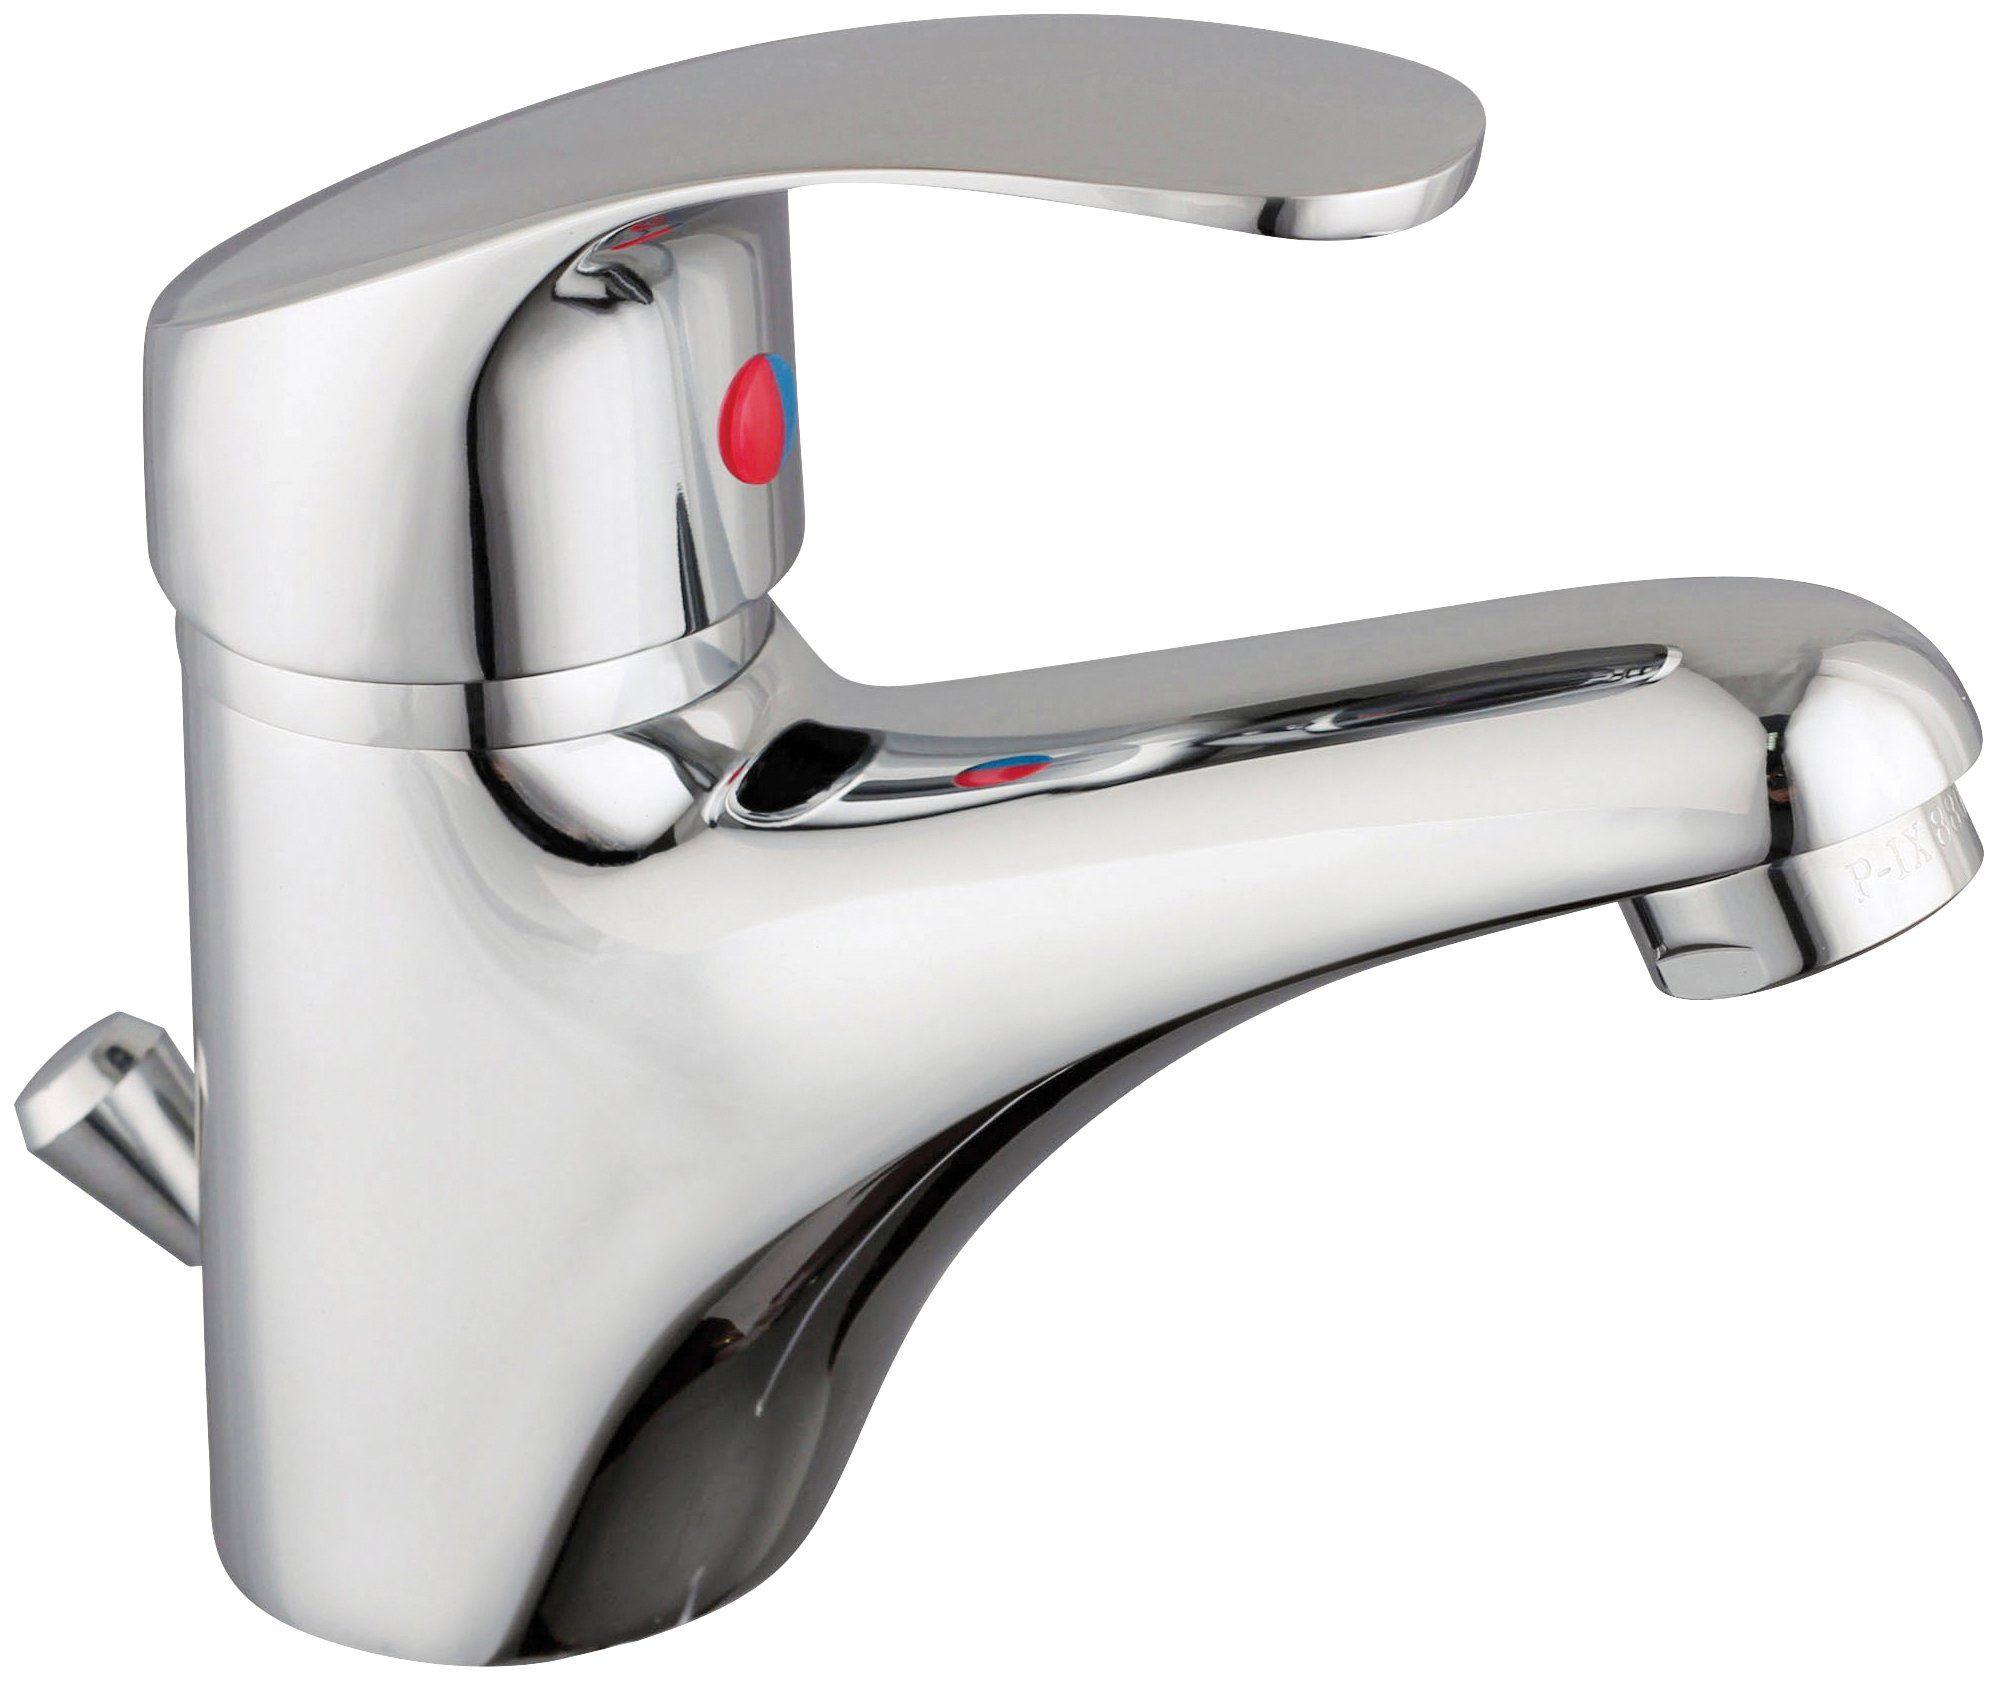 SCHÜTTE Waschtischarmatur »Sirani Waschtischarmatur«, Wasserhahn